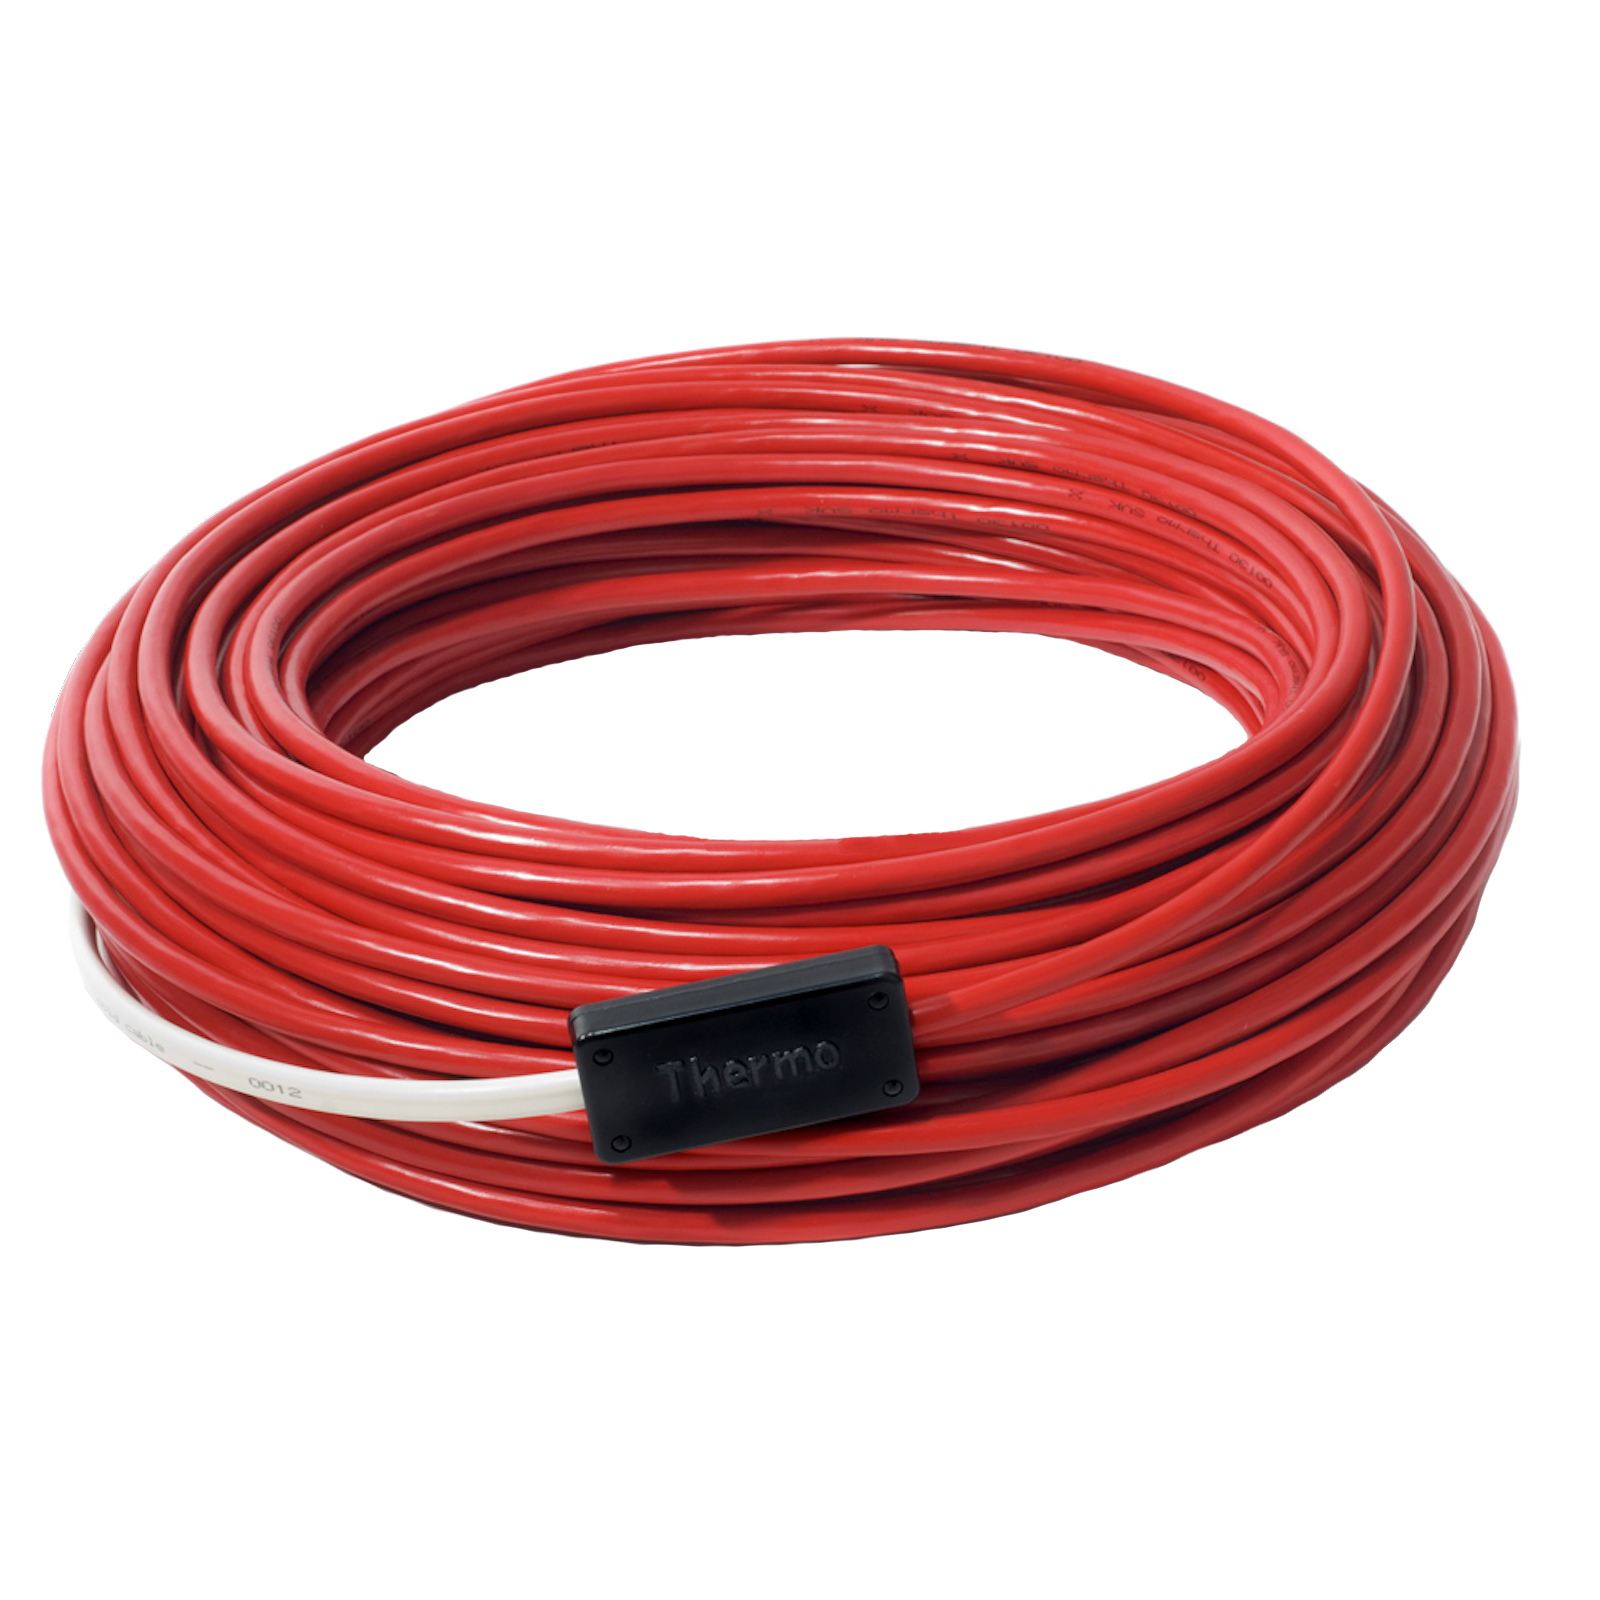 Картинки по запросу Нагревательные кабеля